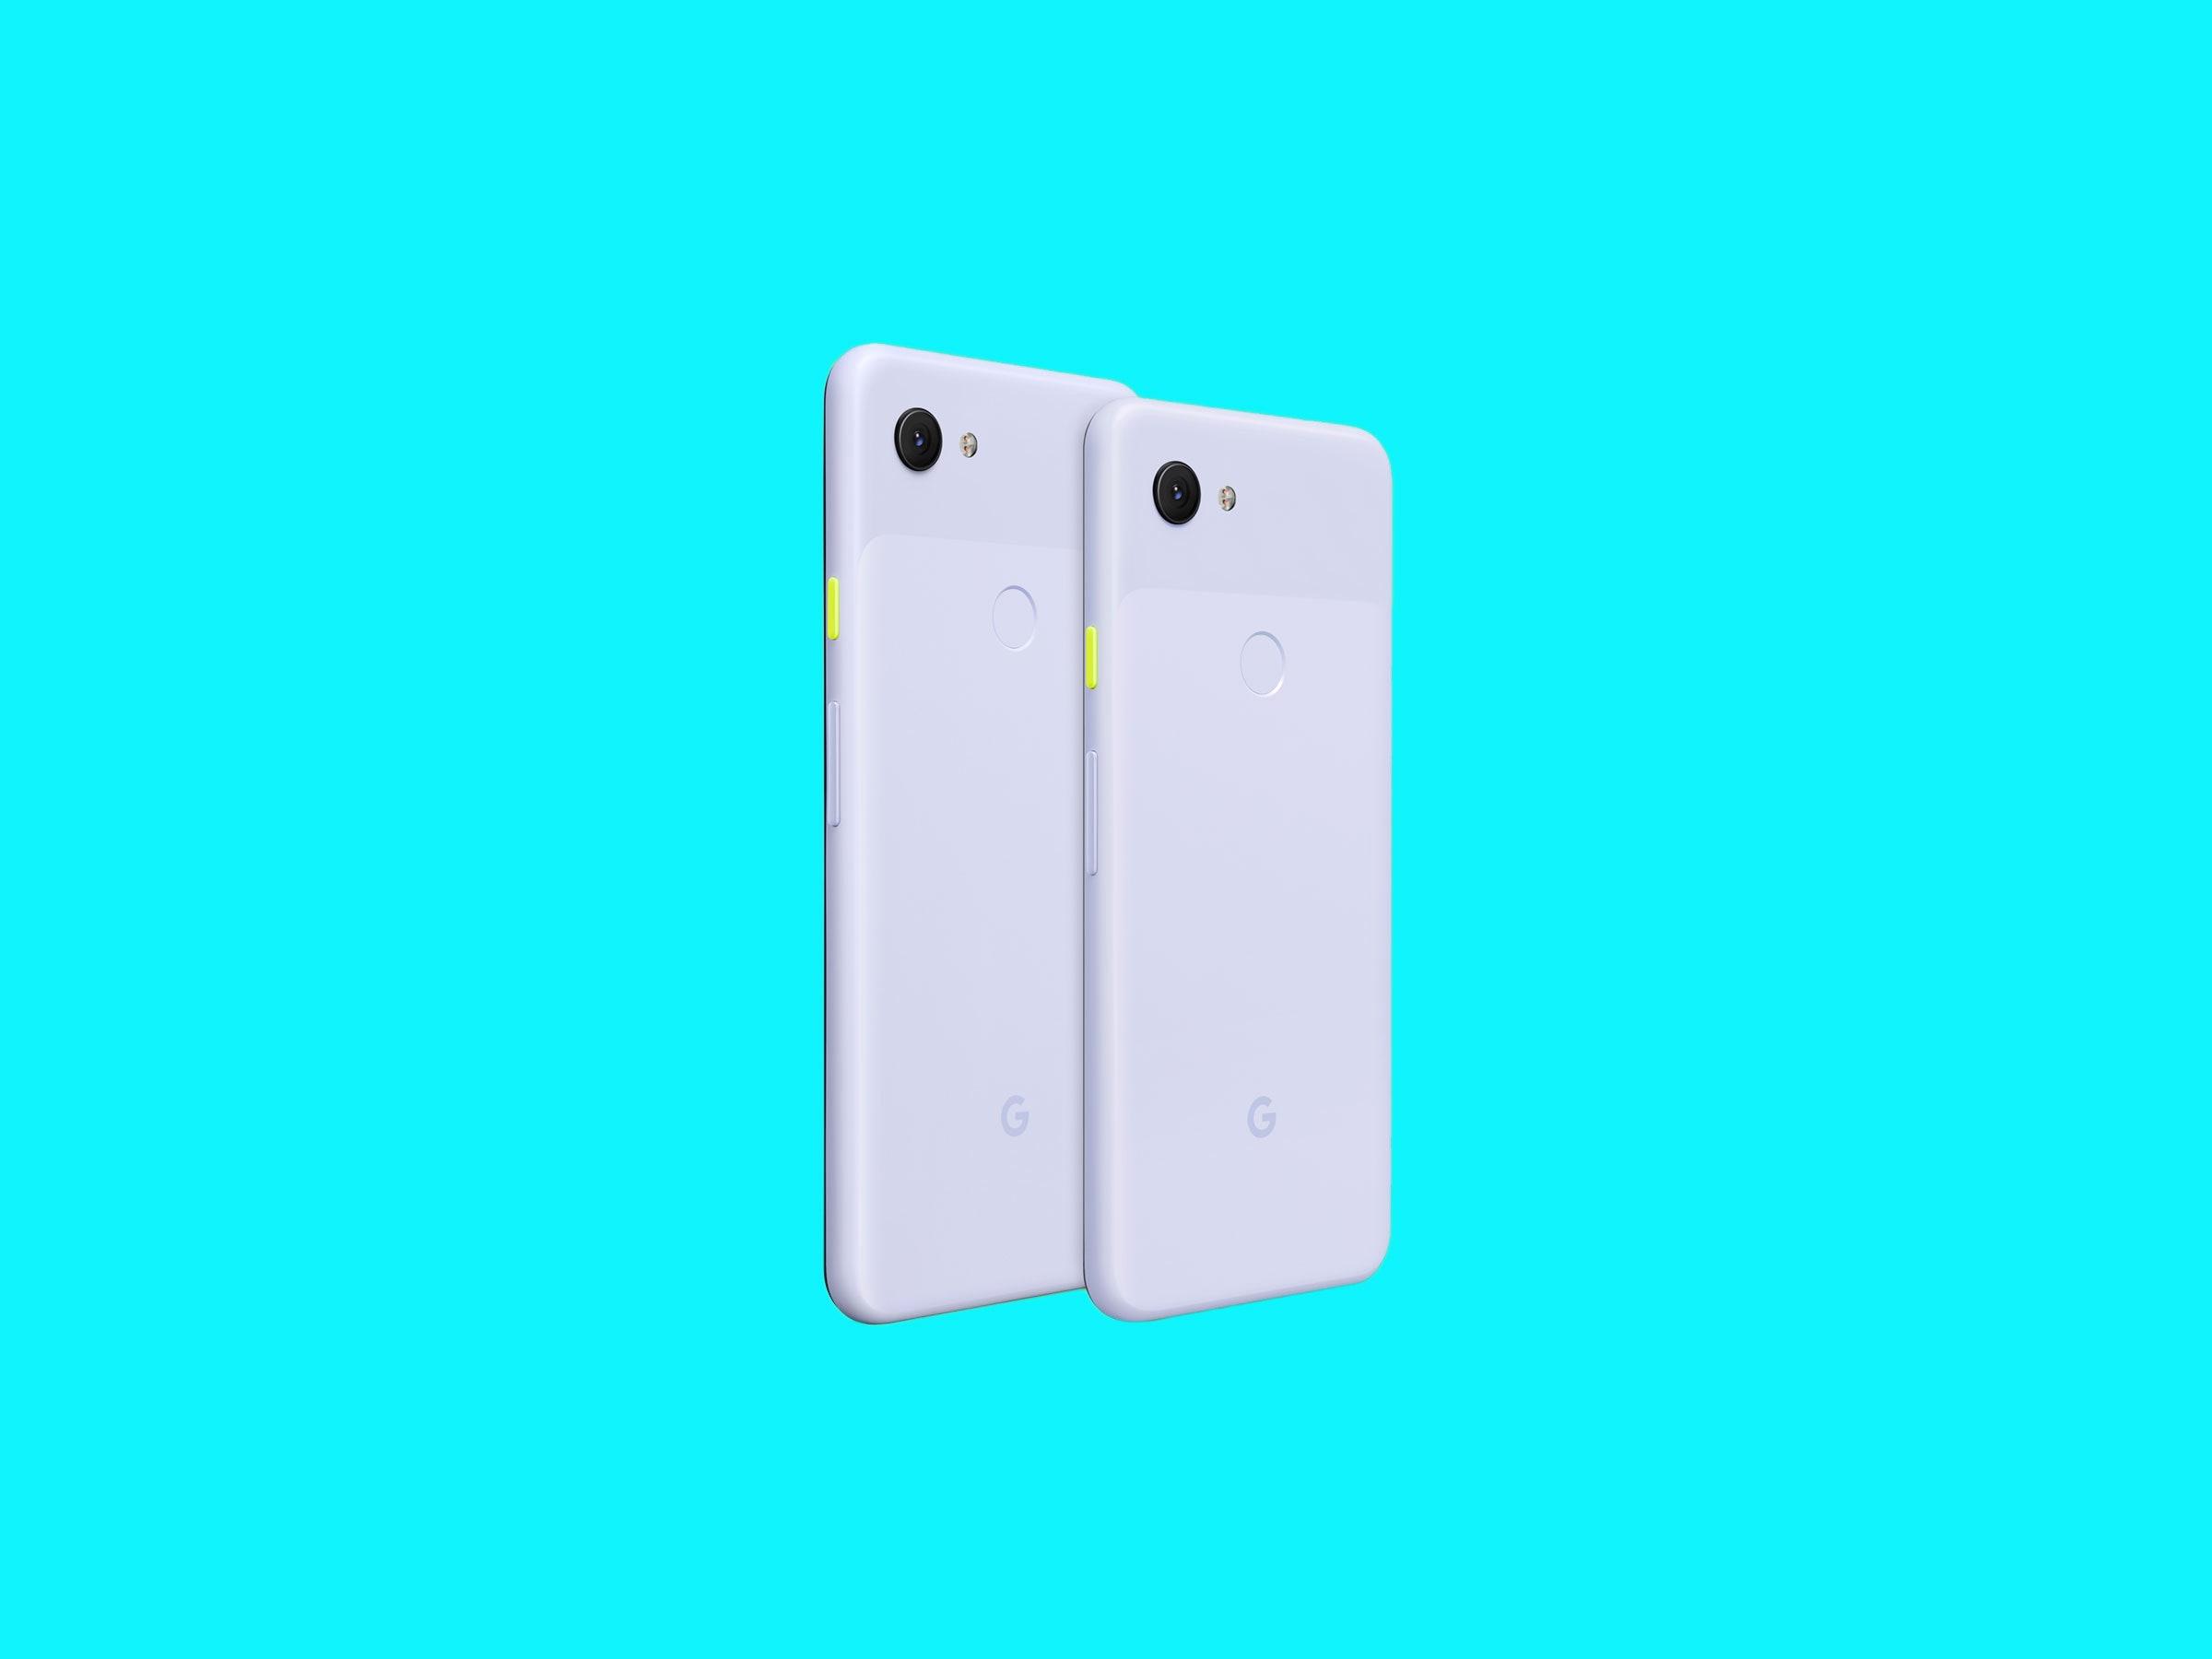 【2020年】低価格で最高のスマホは、iPhone SEかPixel 3aの二択。